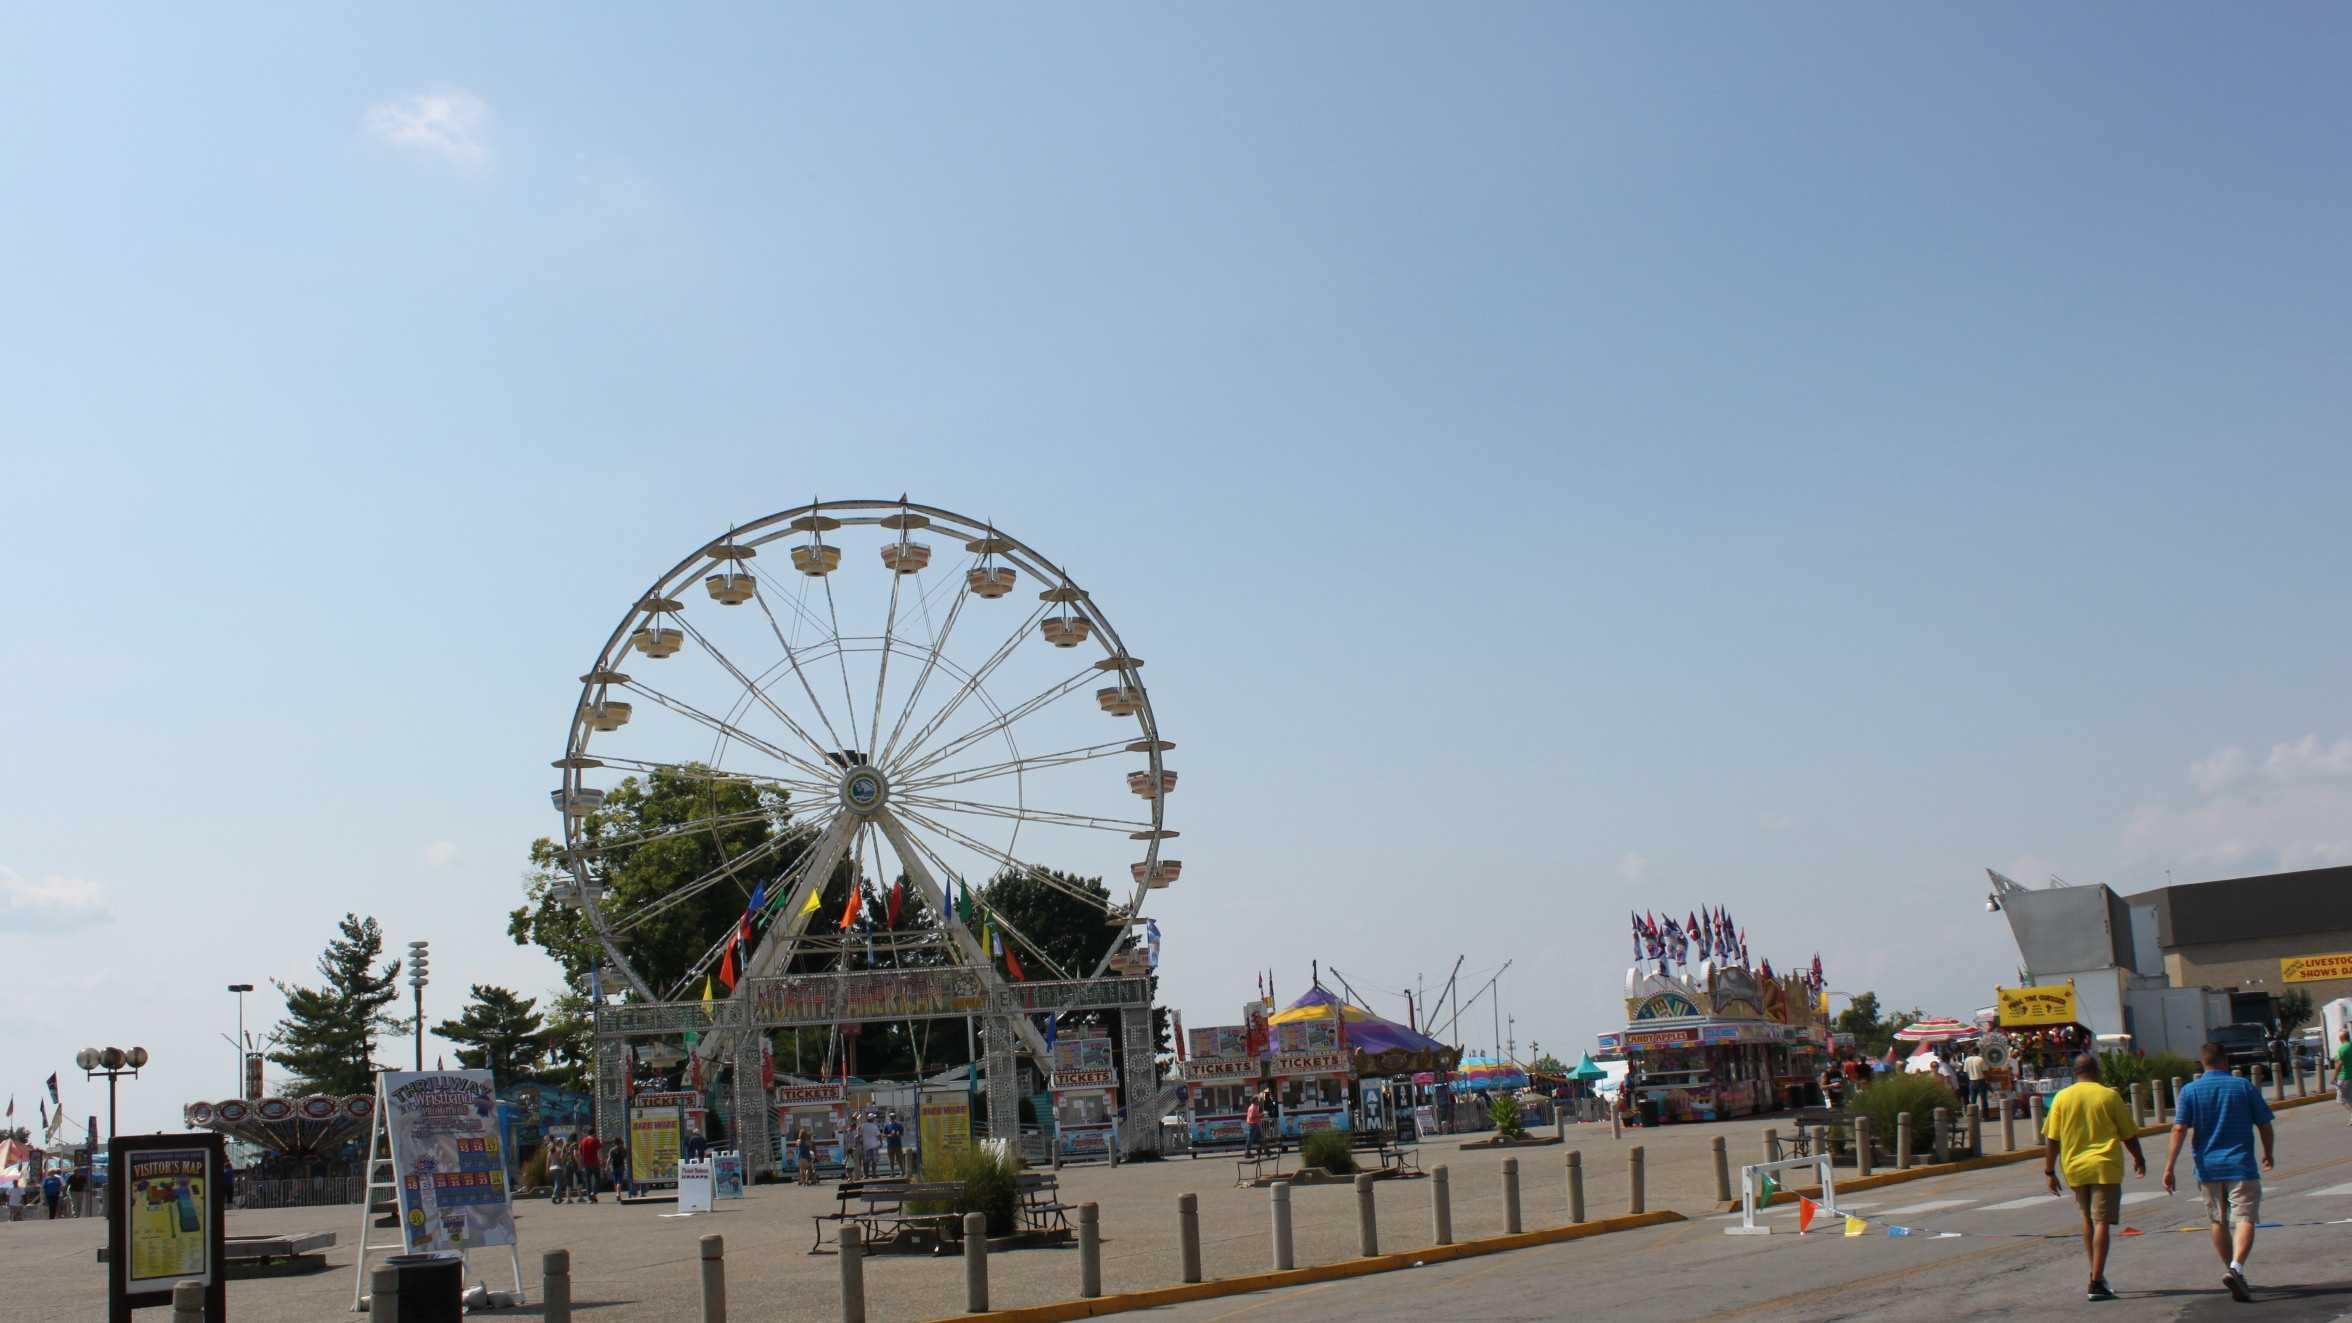 sights and sounds kentucky state fair 2013 (37).JPG